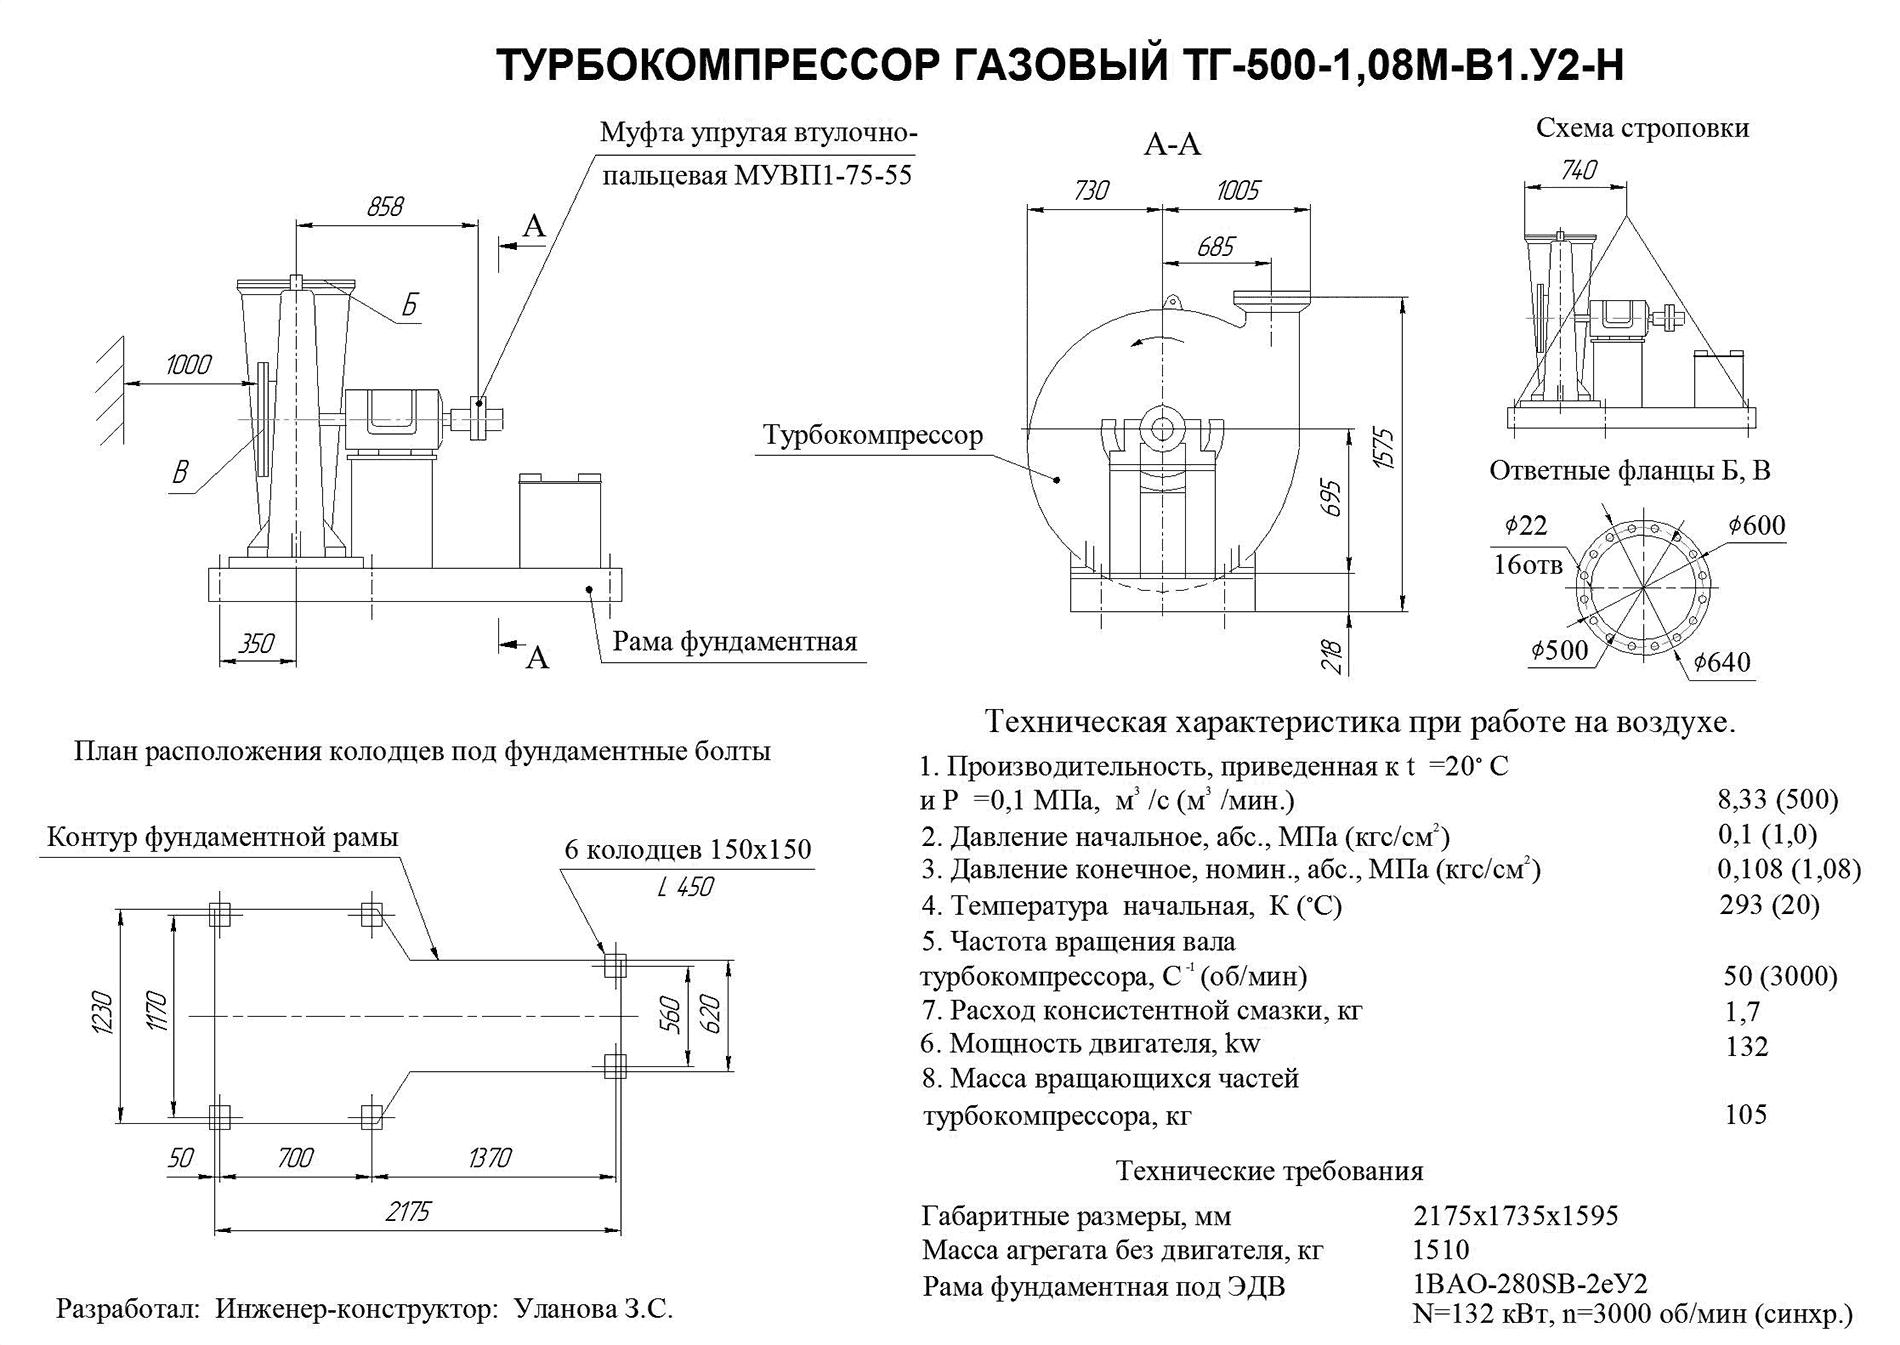 Турбокомпрессор одноступенчатый газовый ТГ-500-1,08М1-В1